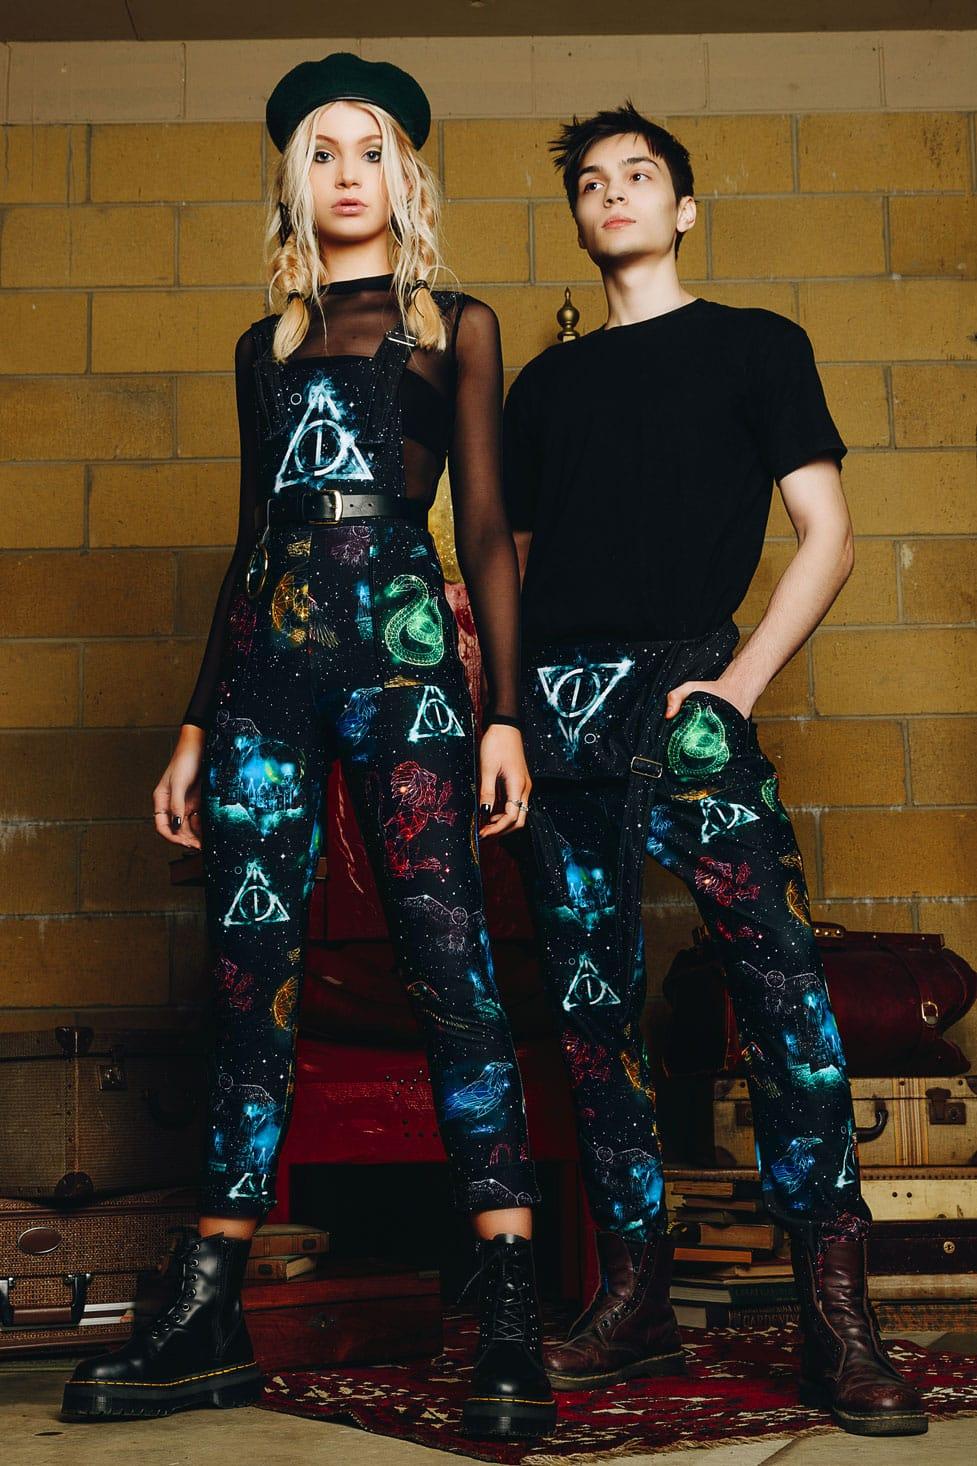 BlackMilk dévoile une nouvelle collection de vêtements Harry Potter